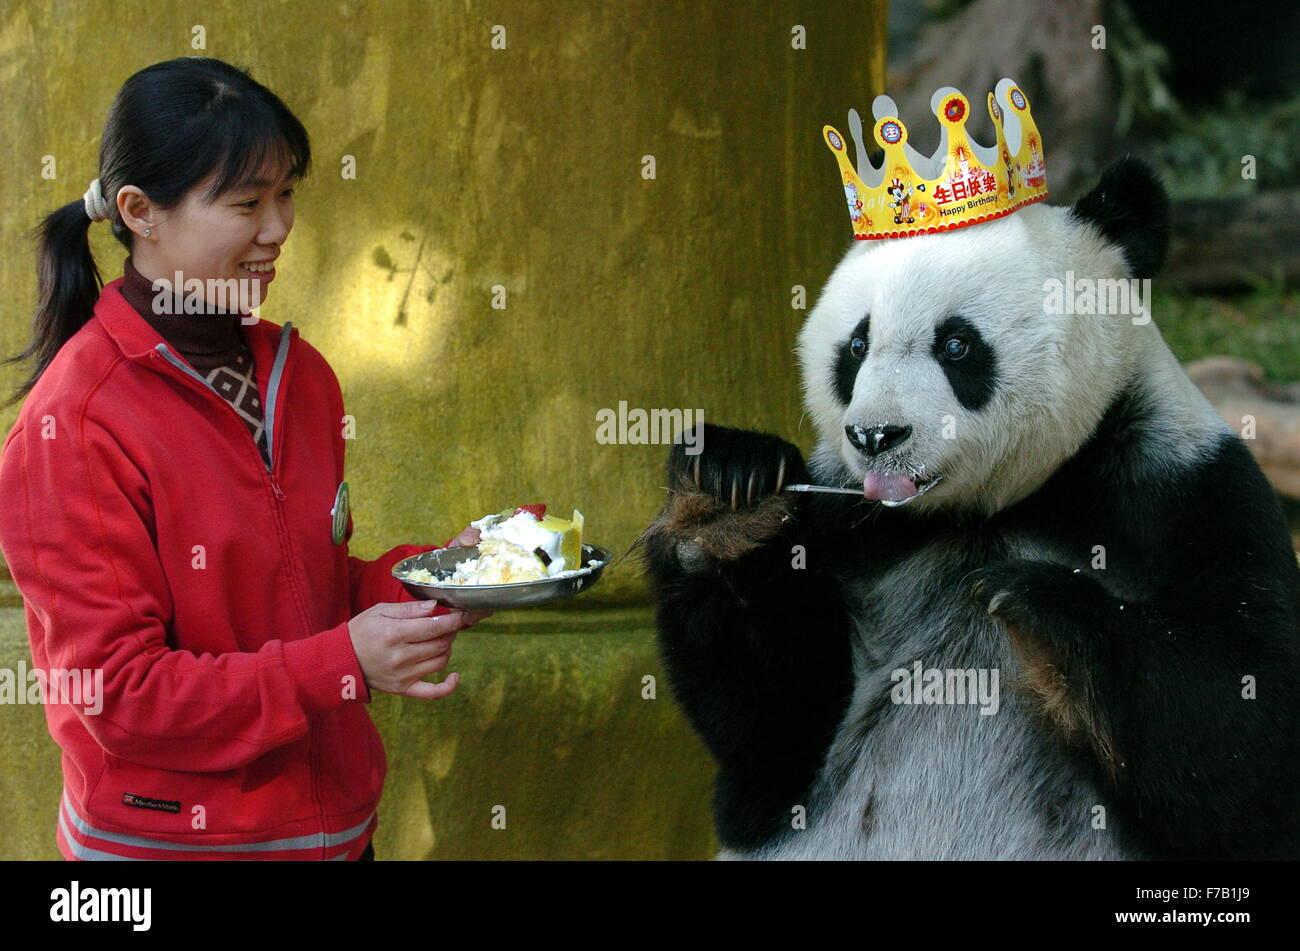 Giant Panda Eating In San Stock Photos Giant Panda Eating In San